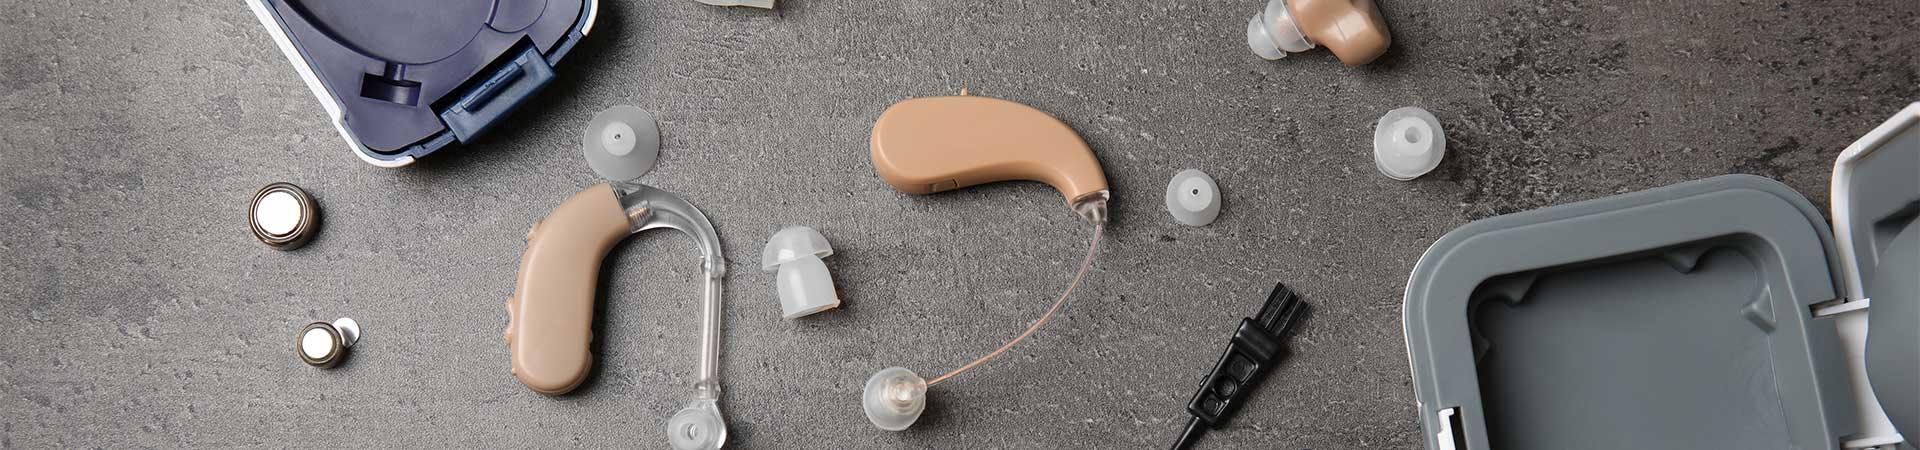 Reparation appareils auditifs